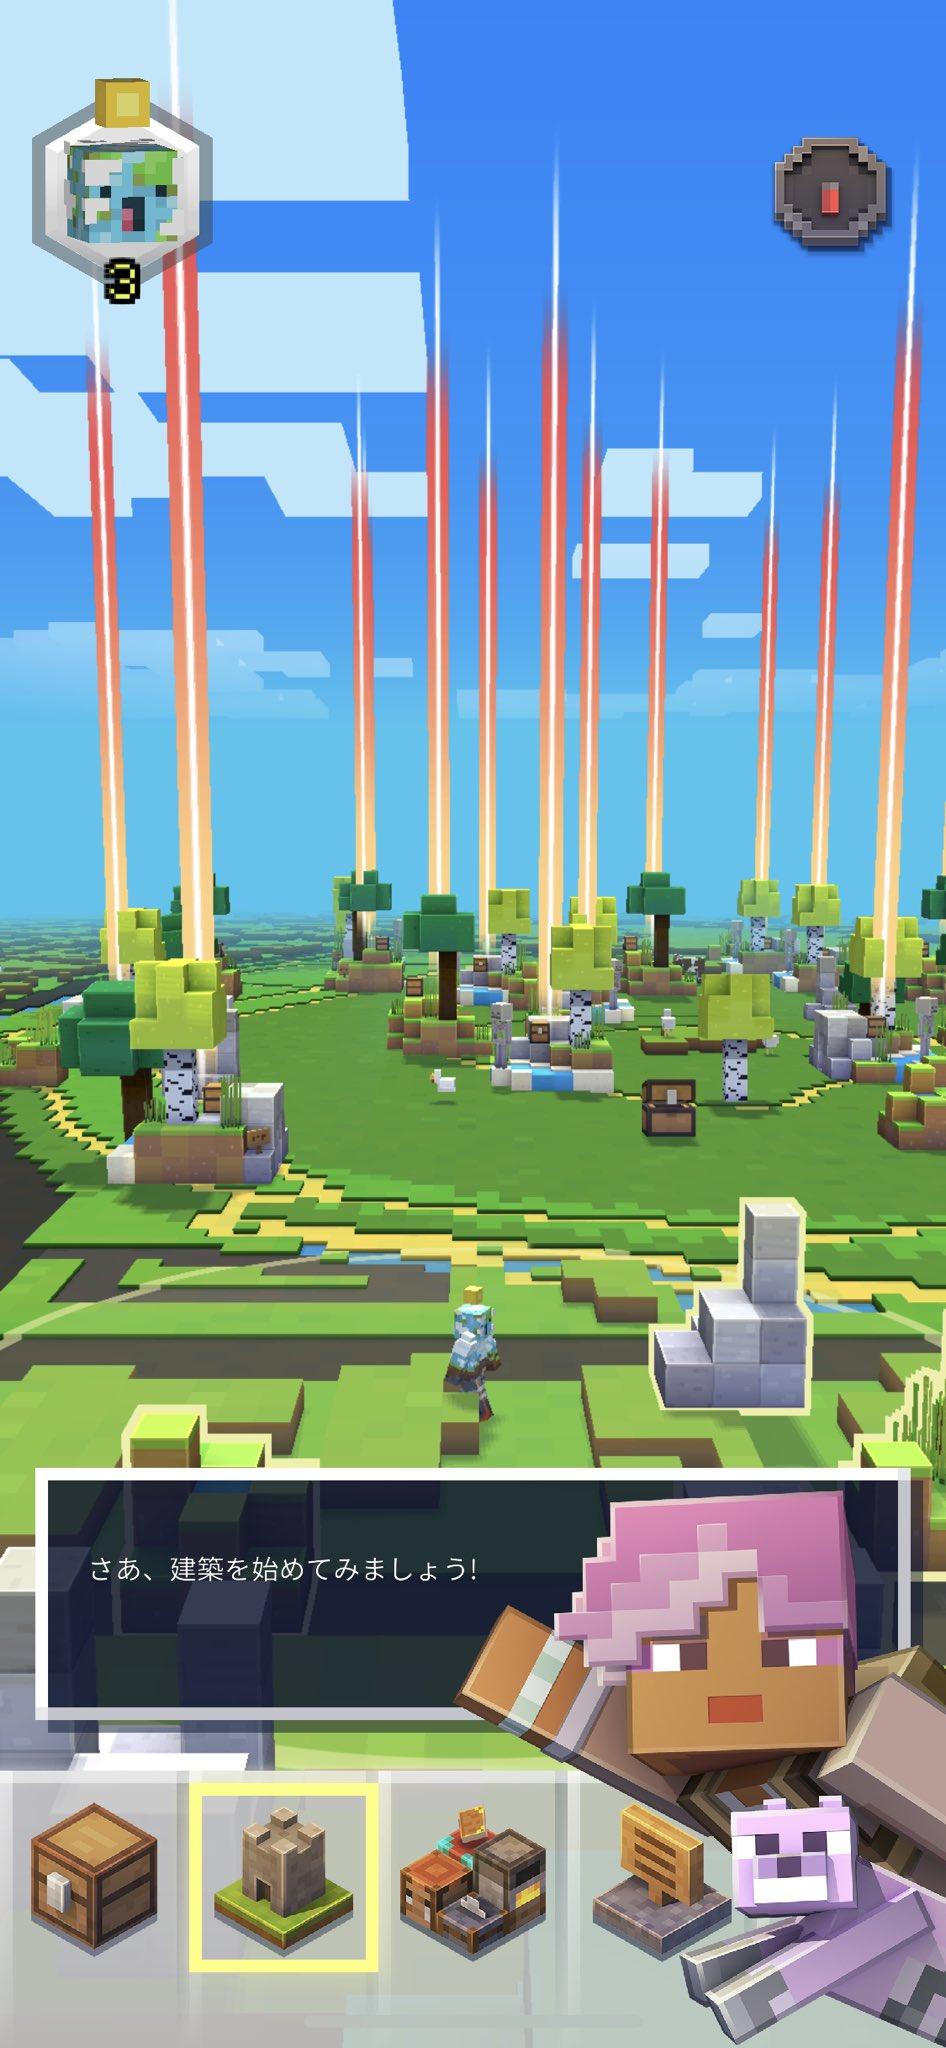 Minecraft Earth このへん光の塔みたいなのたくさんあるなー。 https://t.co/301CQeV3Sz